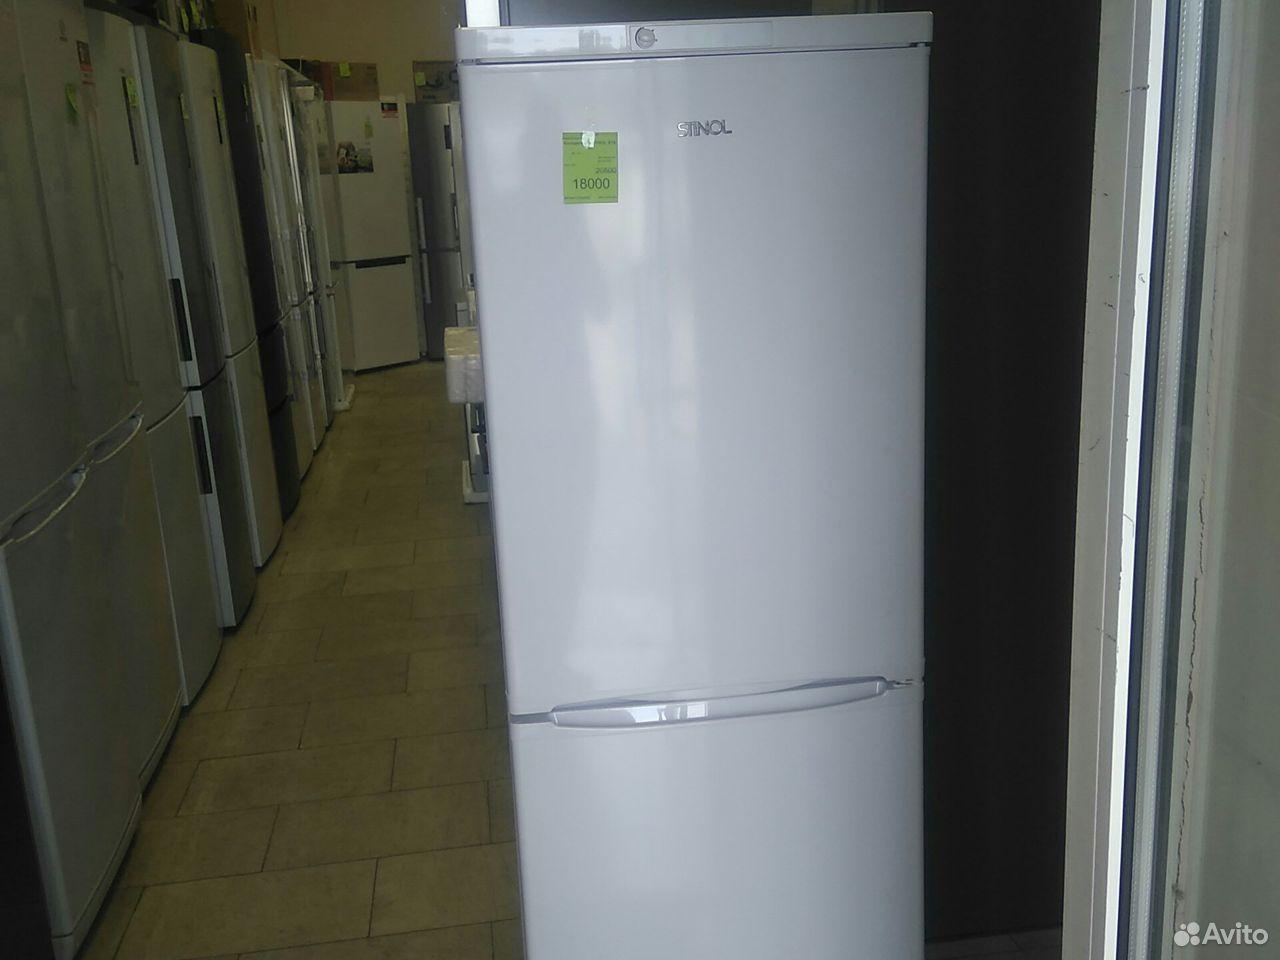 Холодильник Stinol STS167  89005967771 купить 1